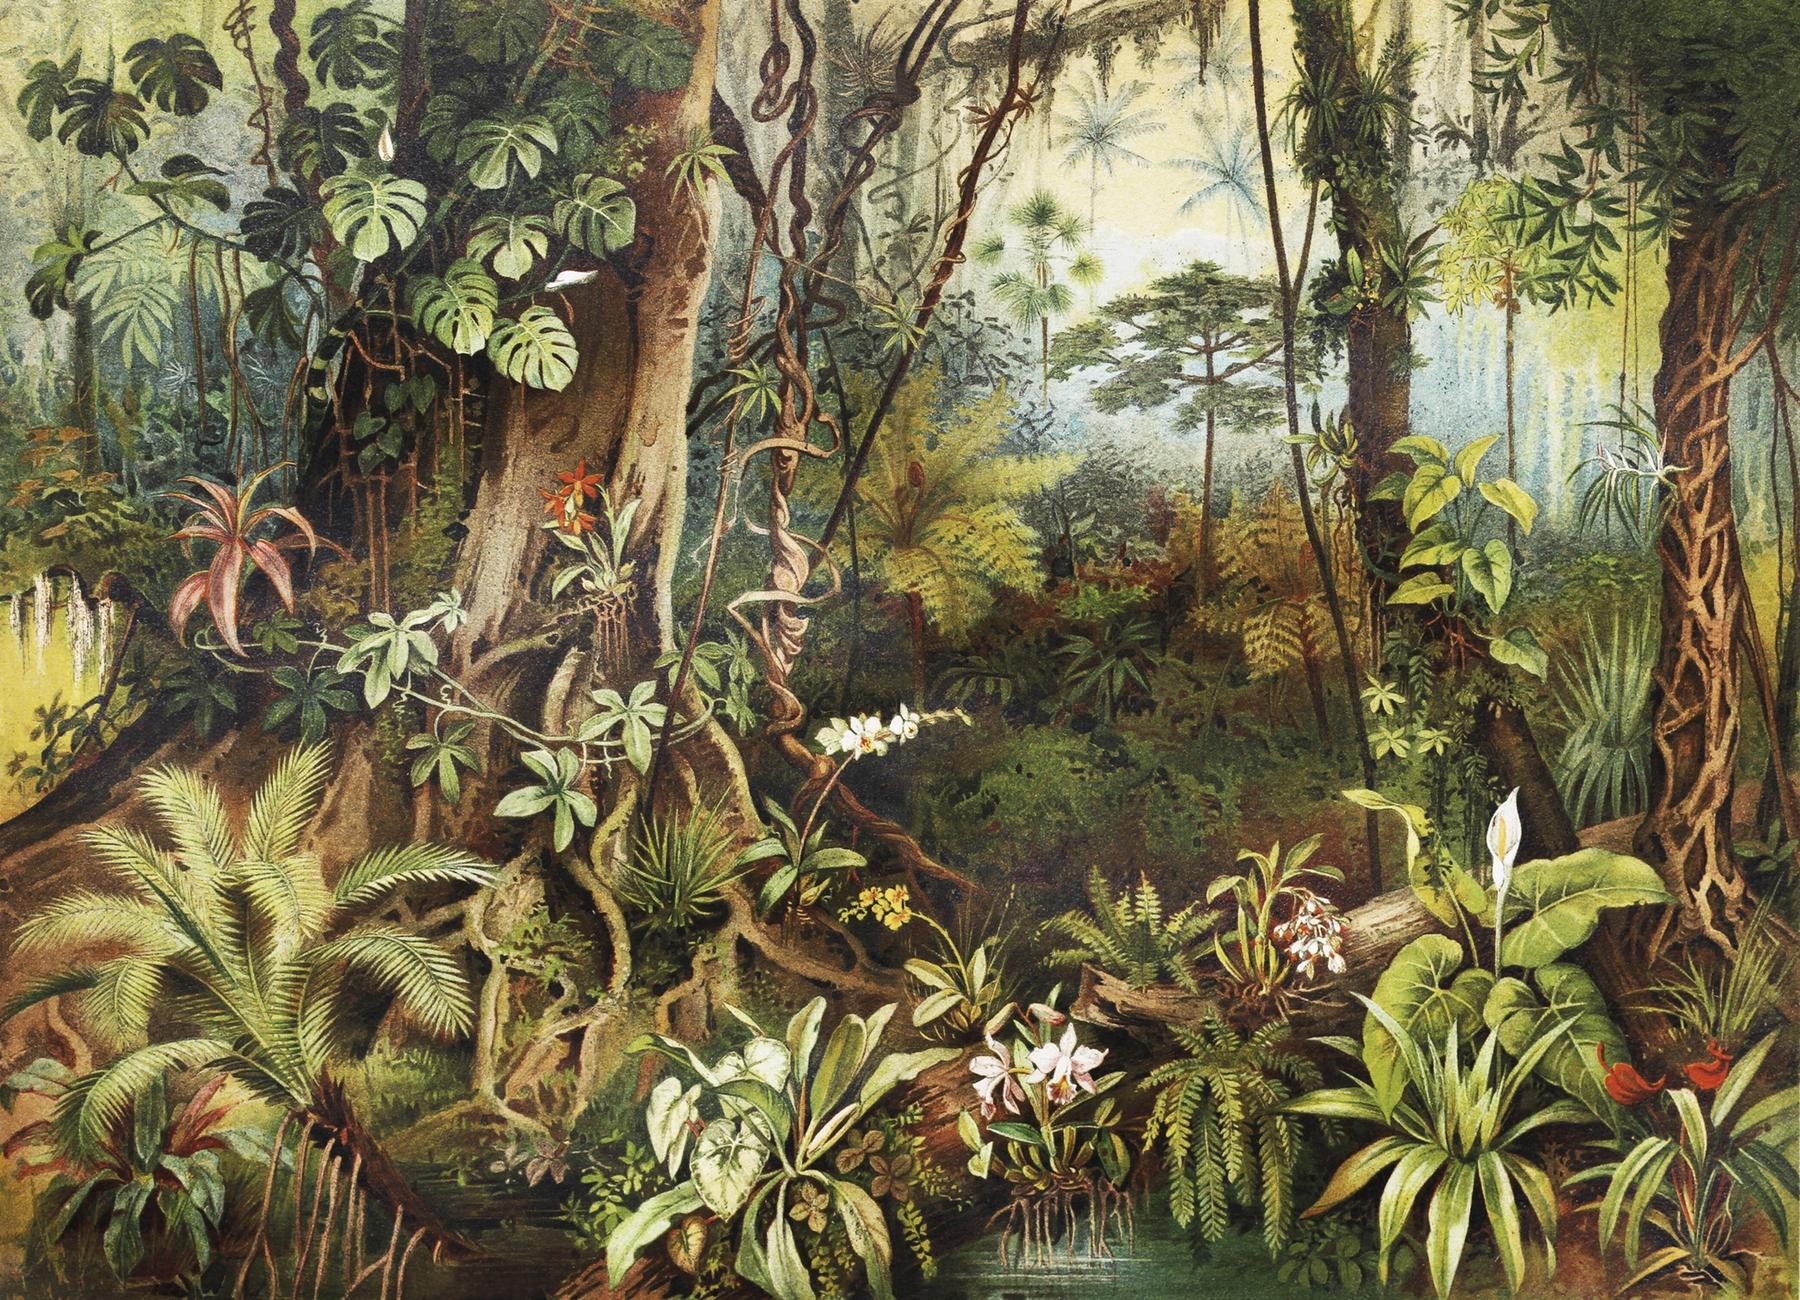 Buy Vintage Jungle Wall Mural Free Us Shipping At